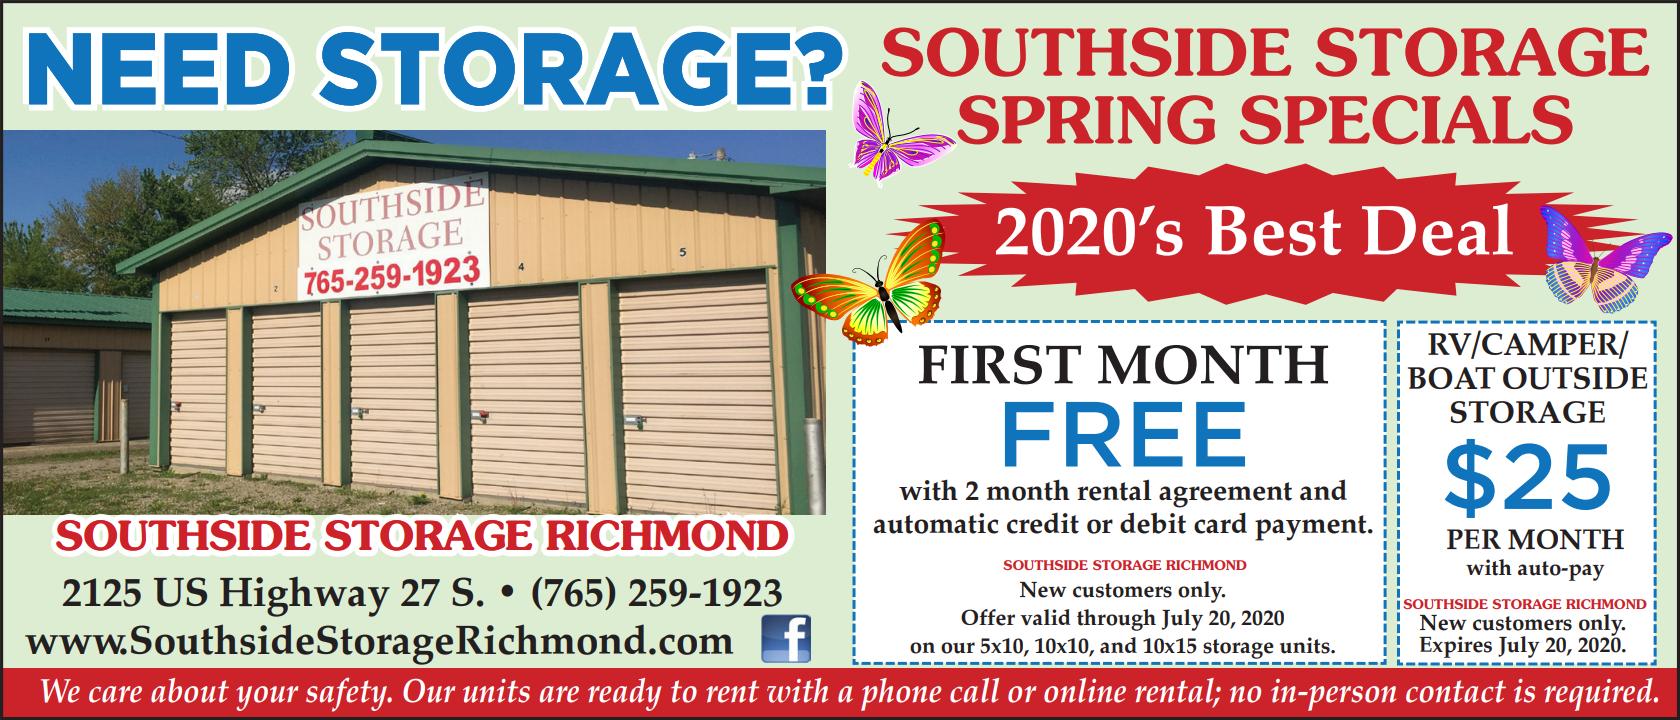 Need Storage? Southside Storage Spring Specials